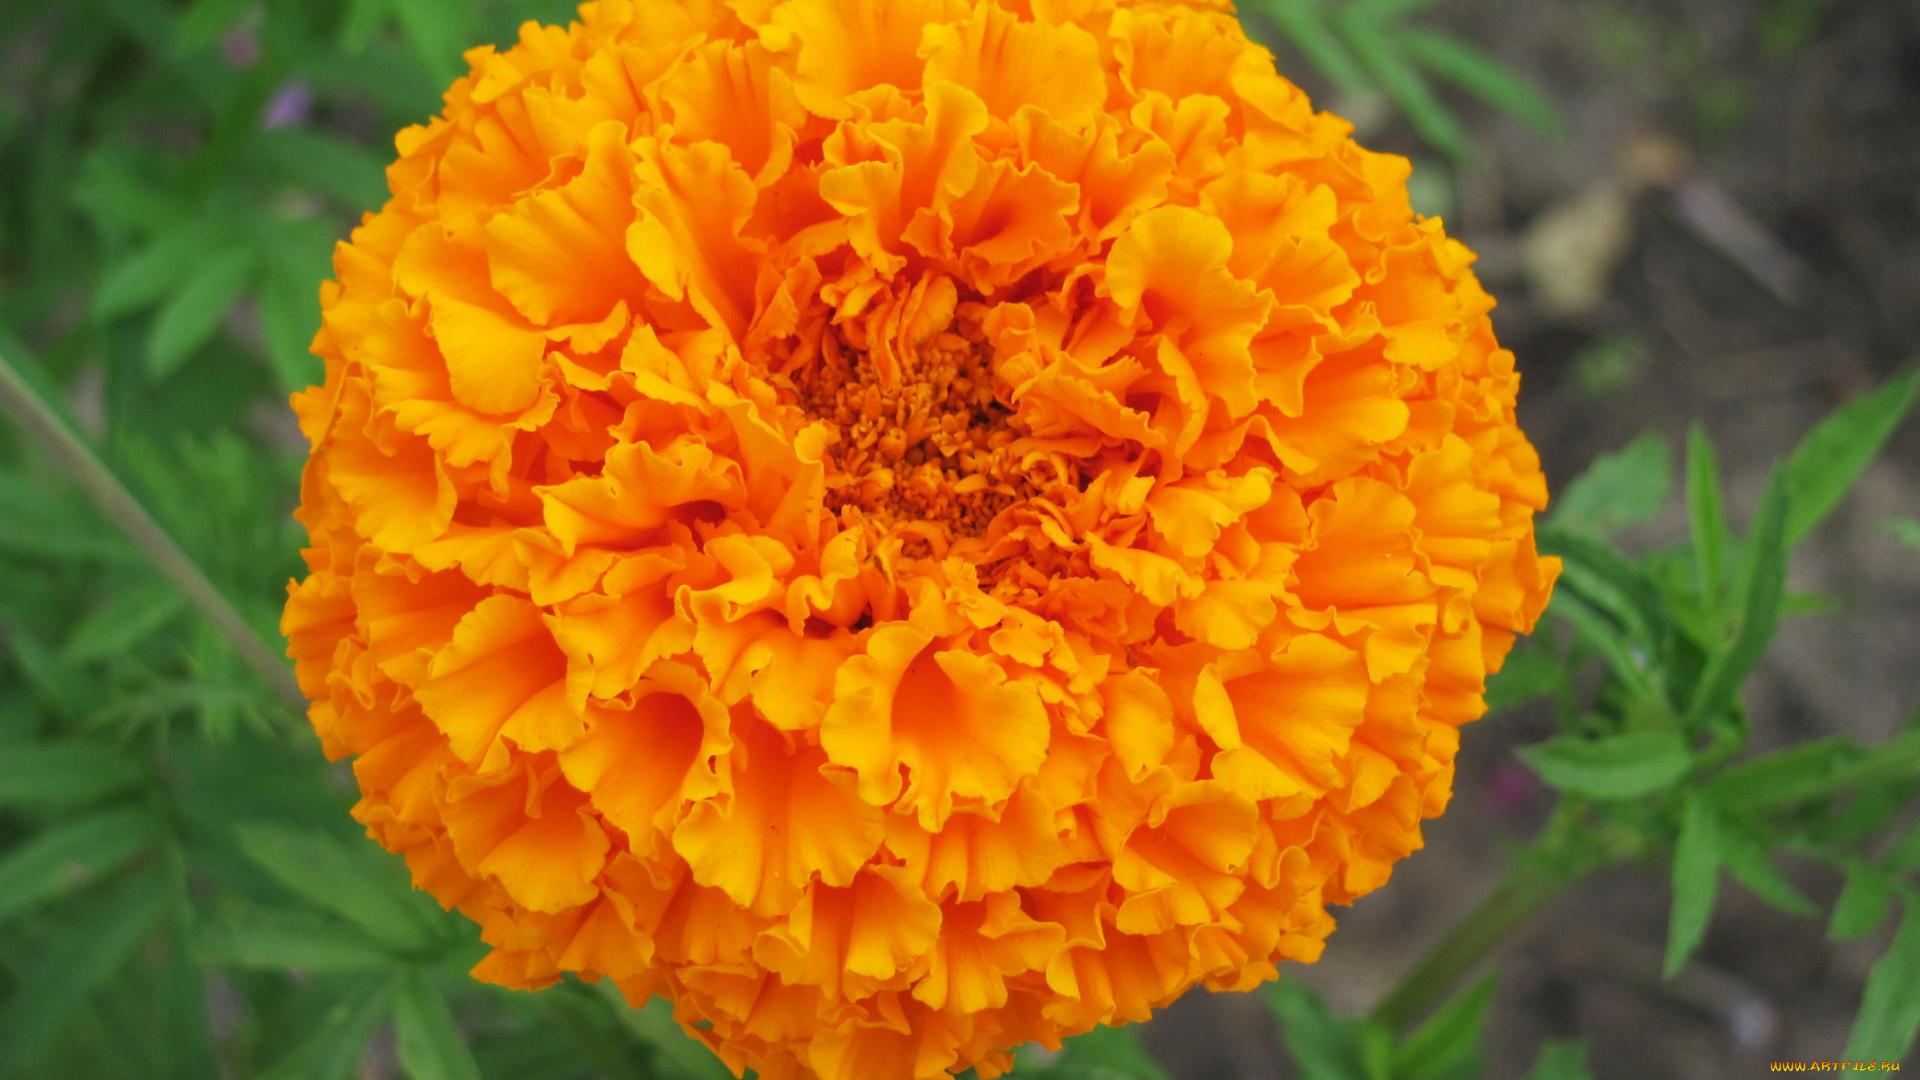 природа оранжевые цветы Бархатцы бесплатно